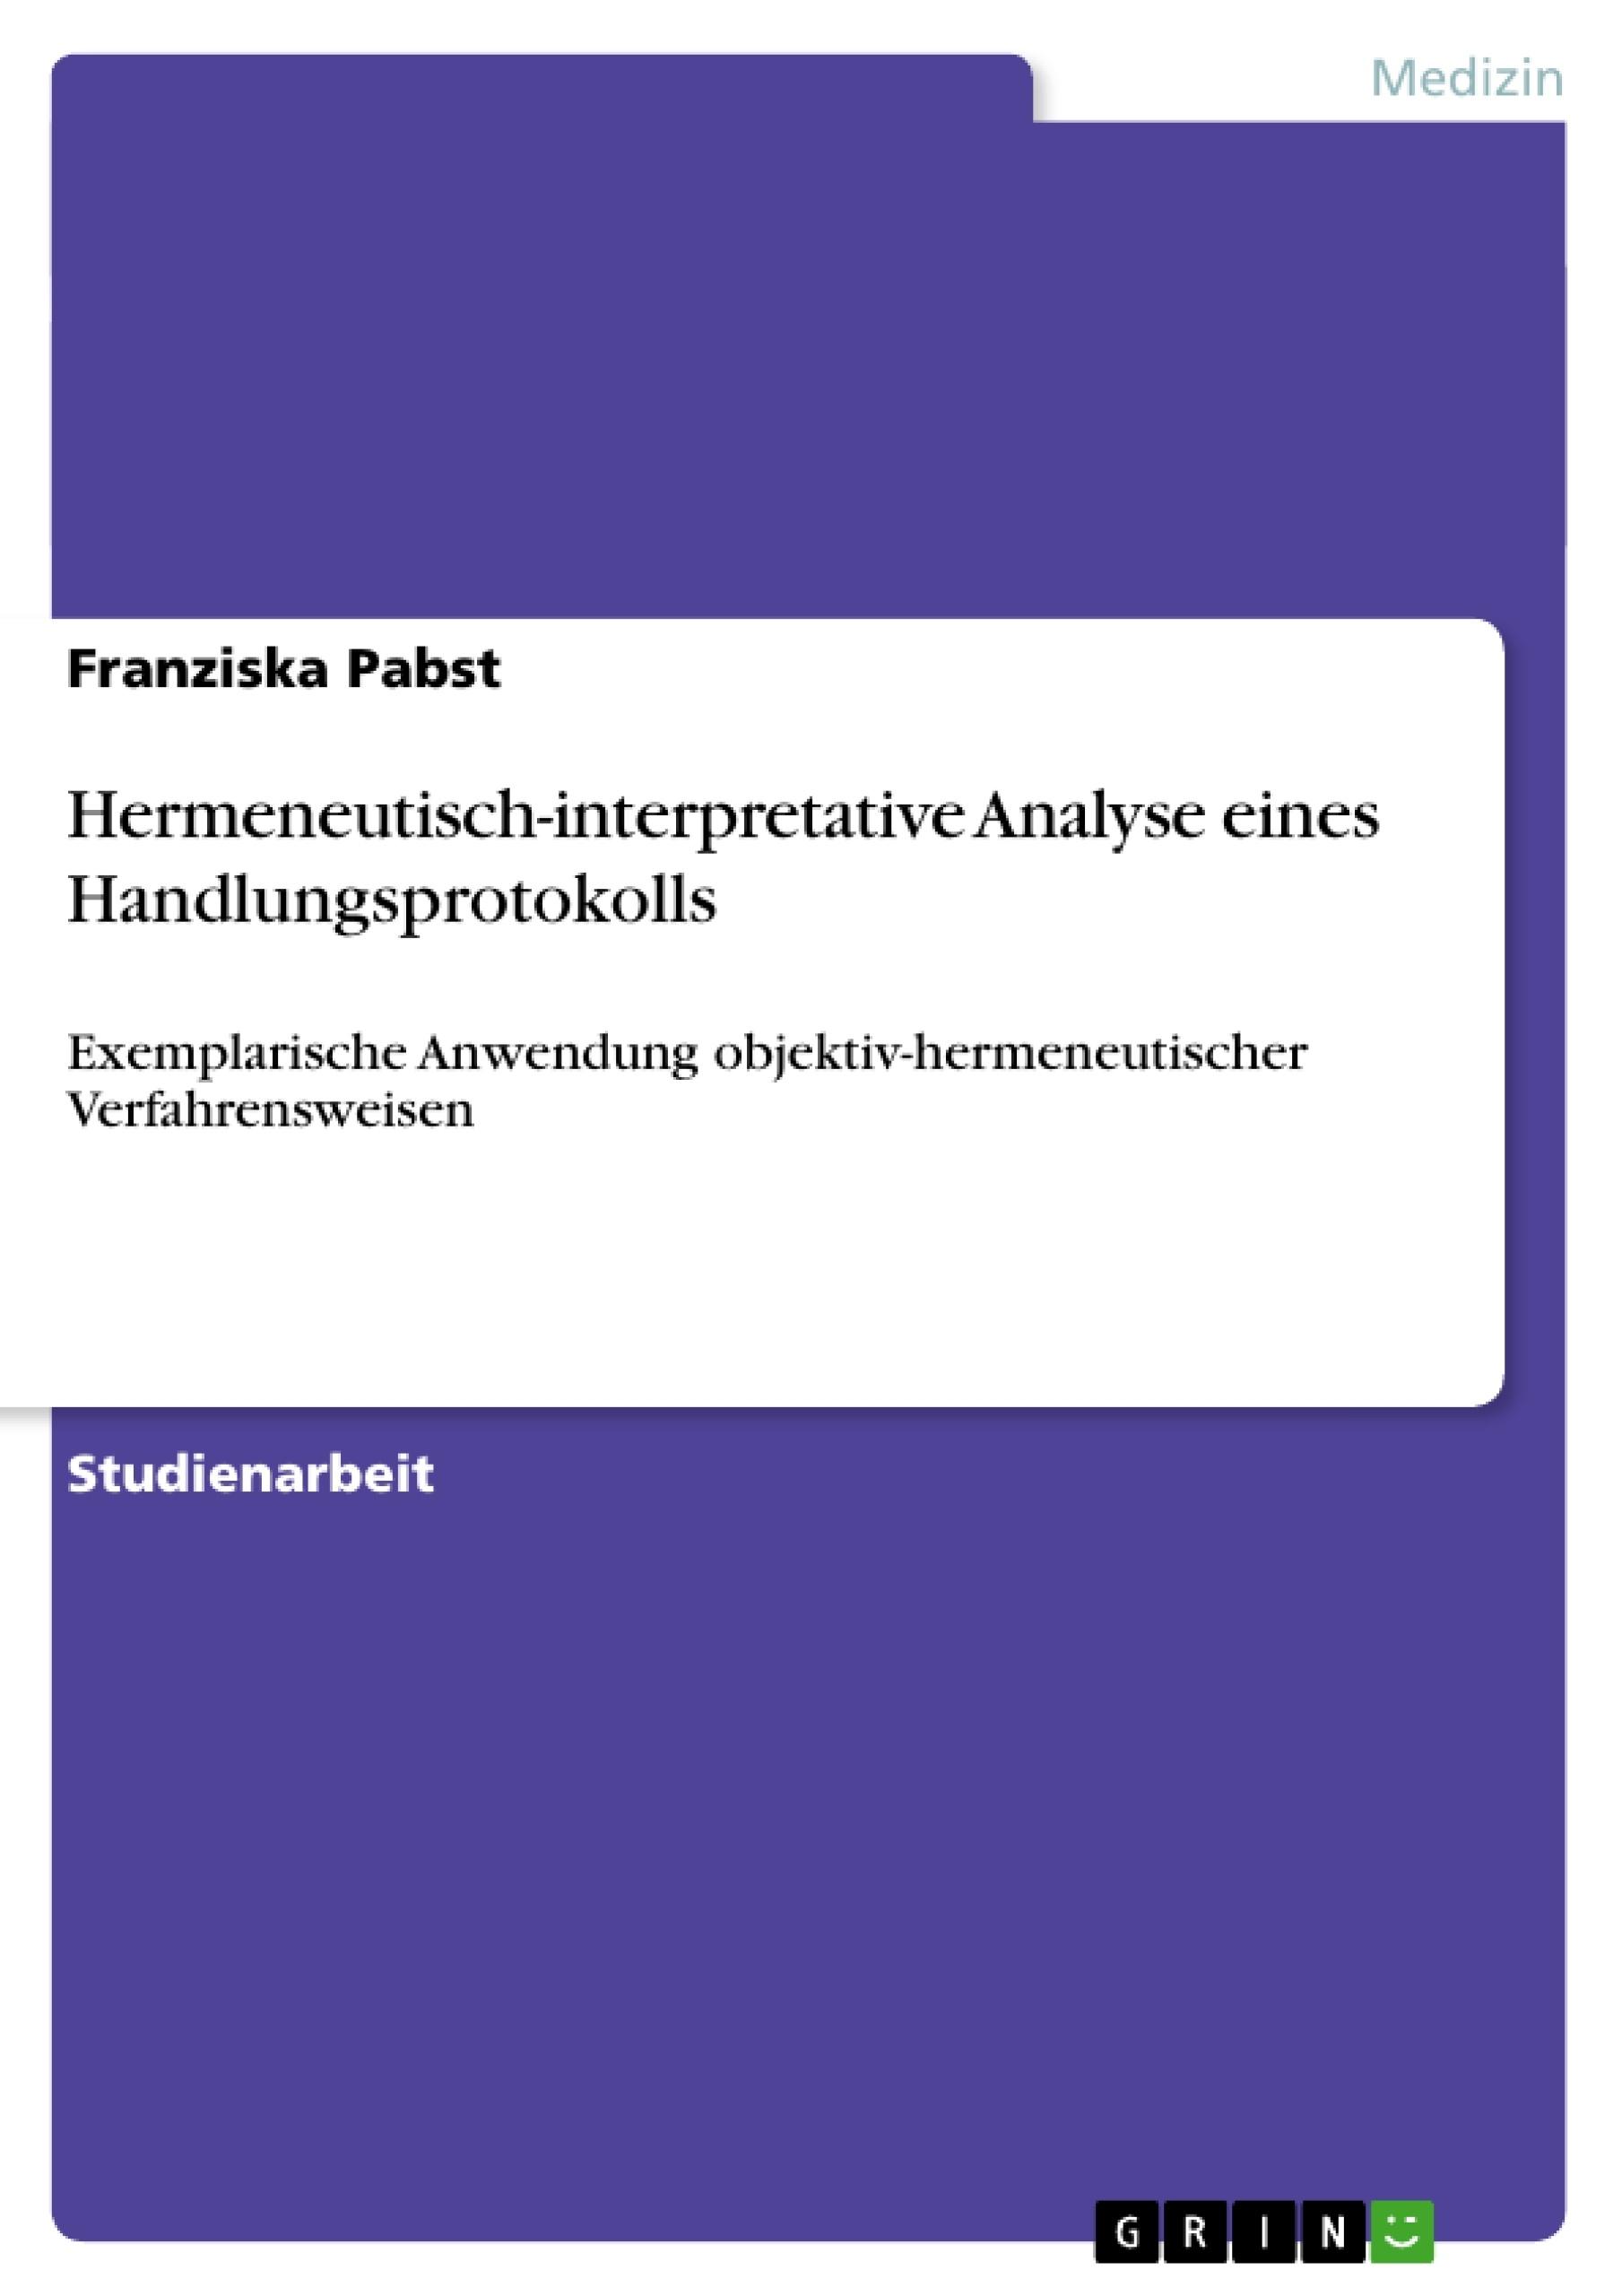 Titel: Hermeneutisch-interpretative Analyse eines Handlungsprotokolls